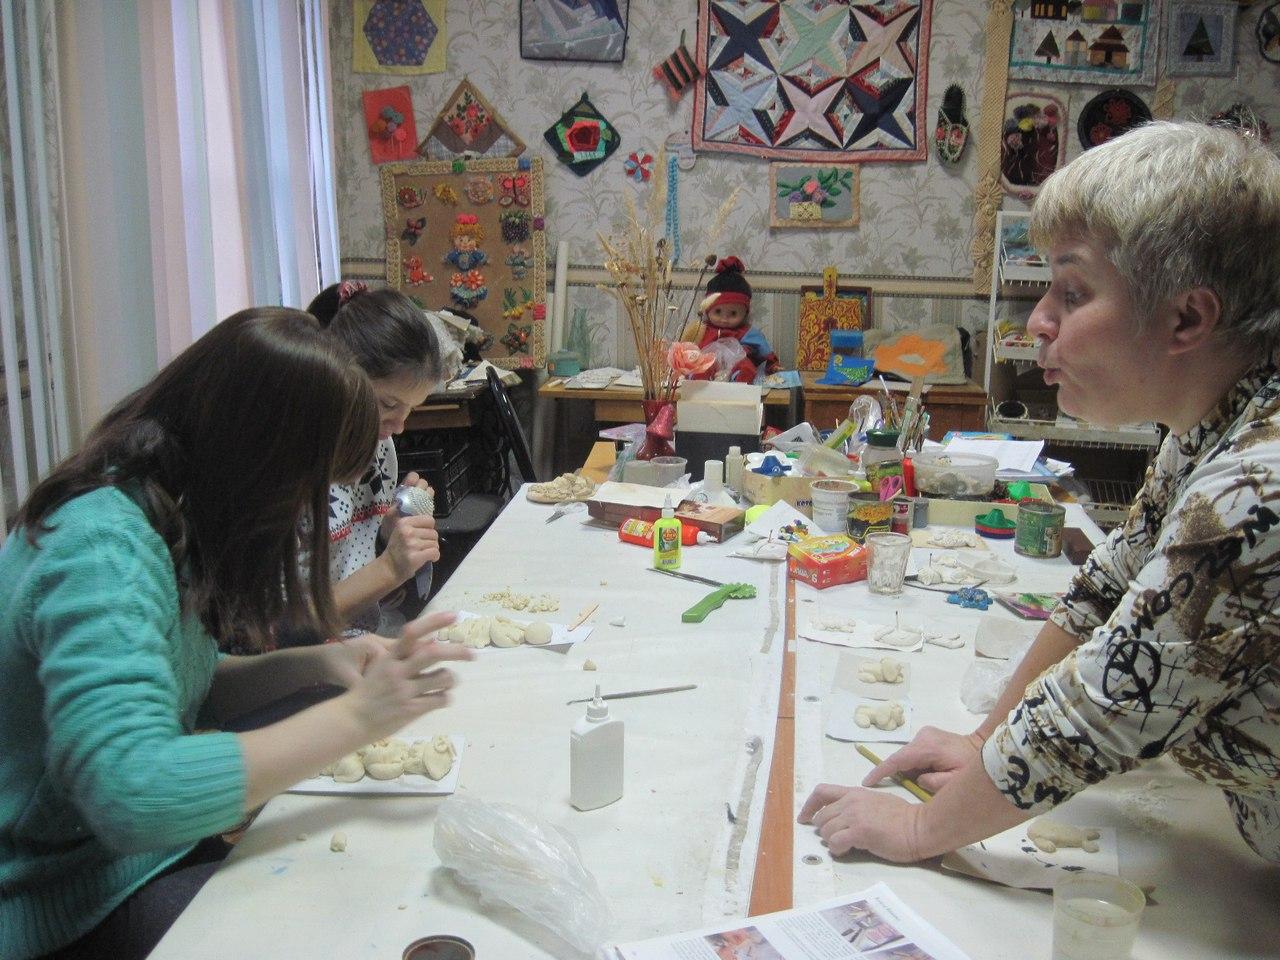 «Дымковская барышня» в Клубе инвалидов «Вера»